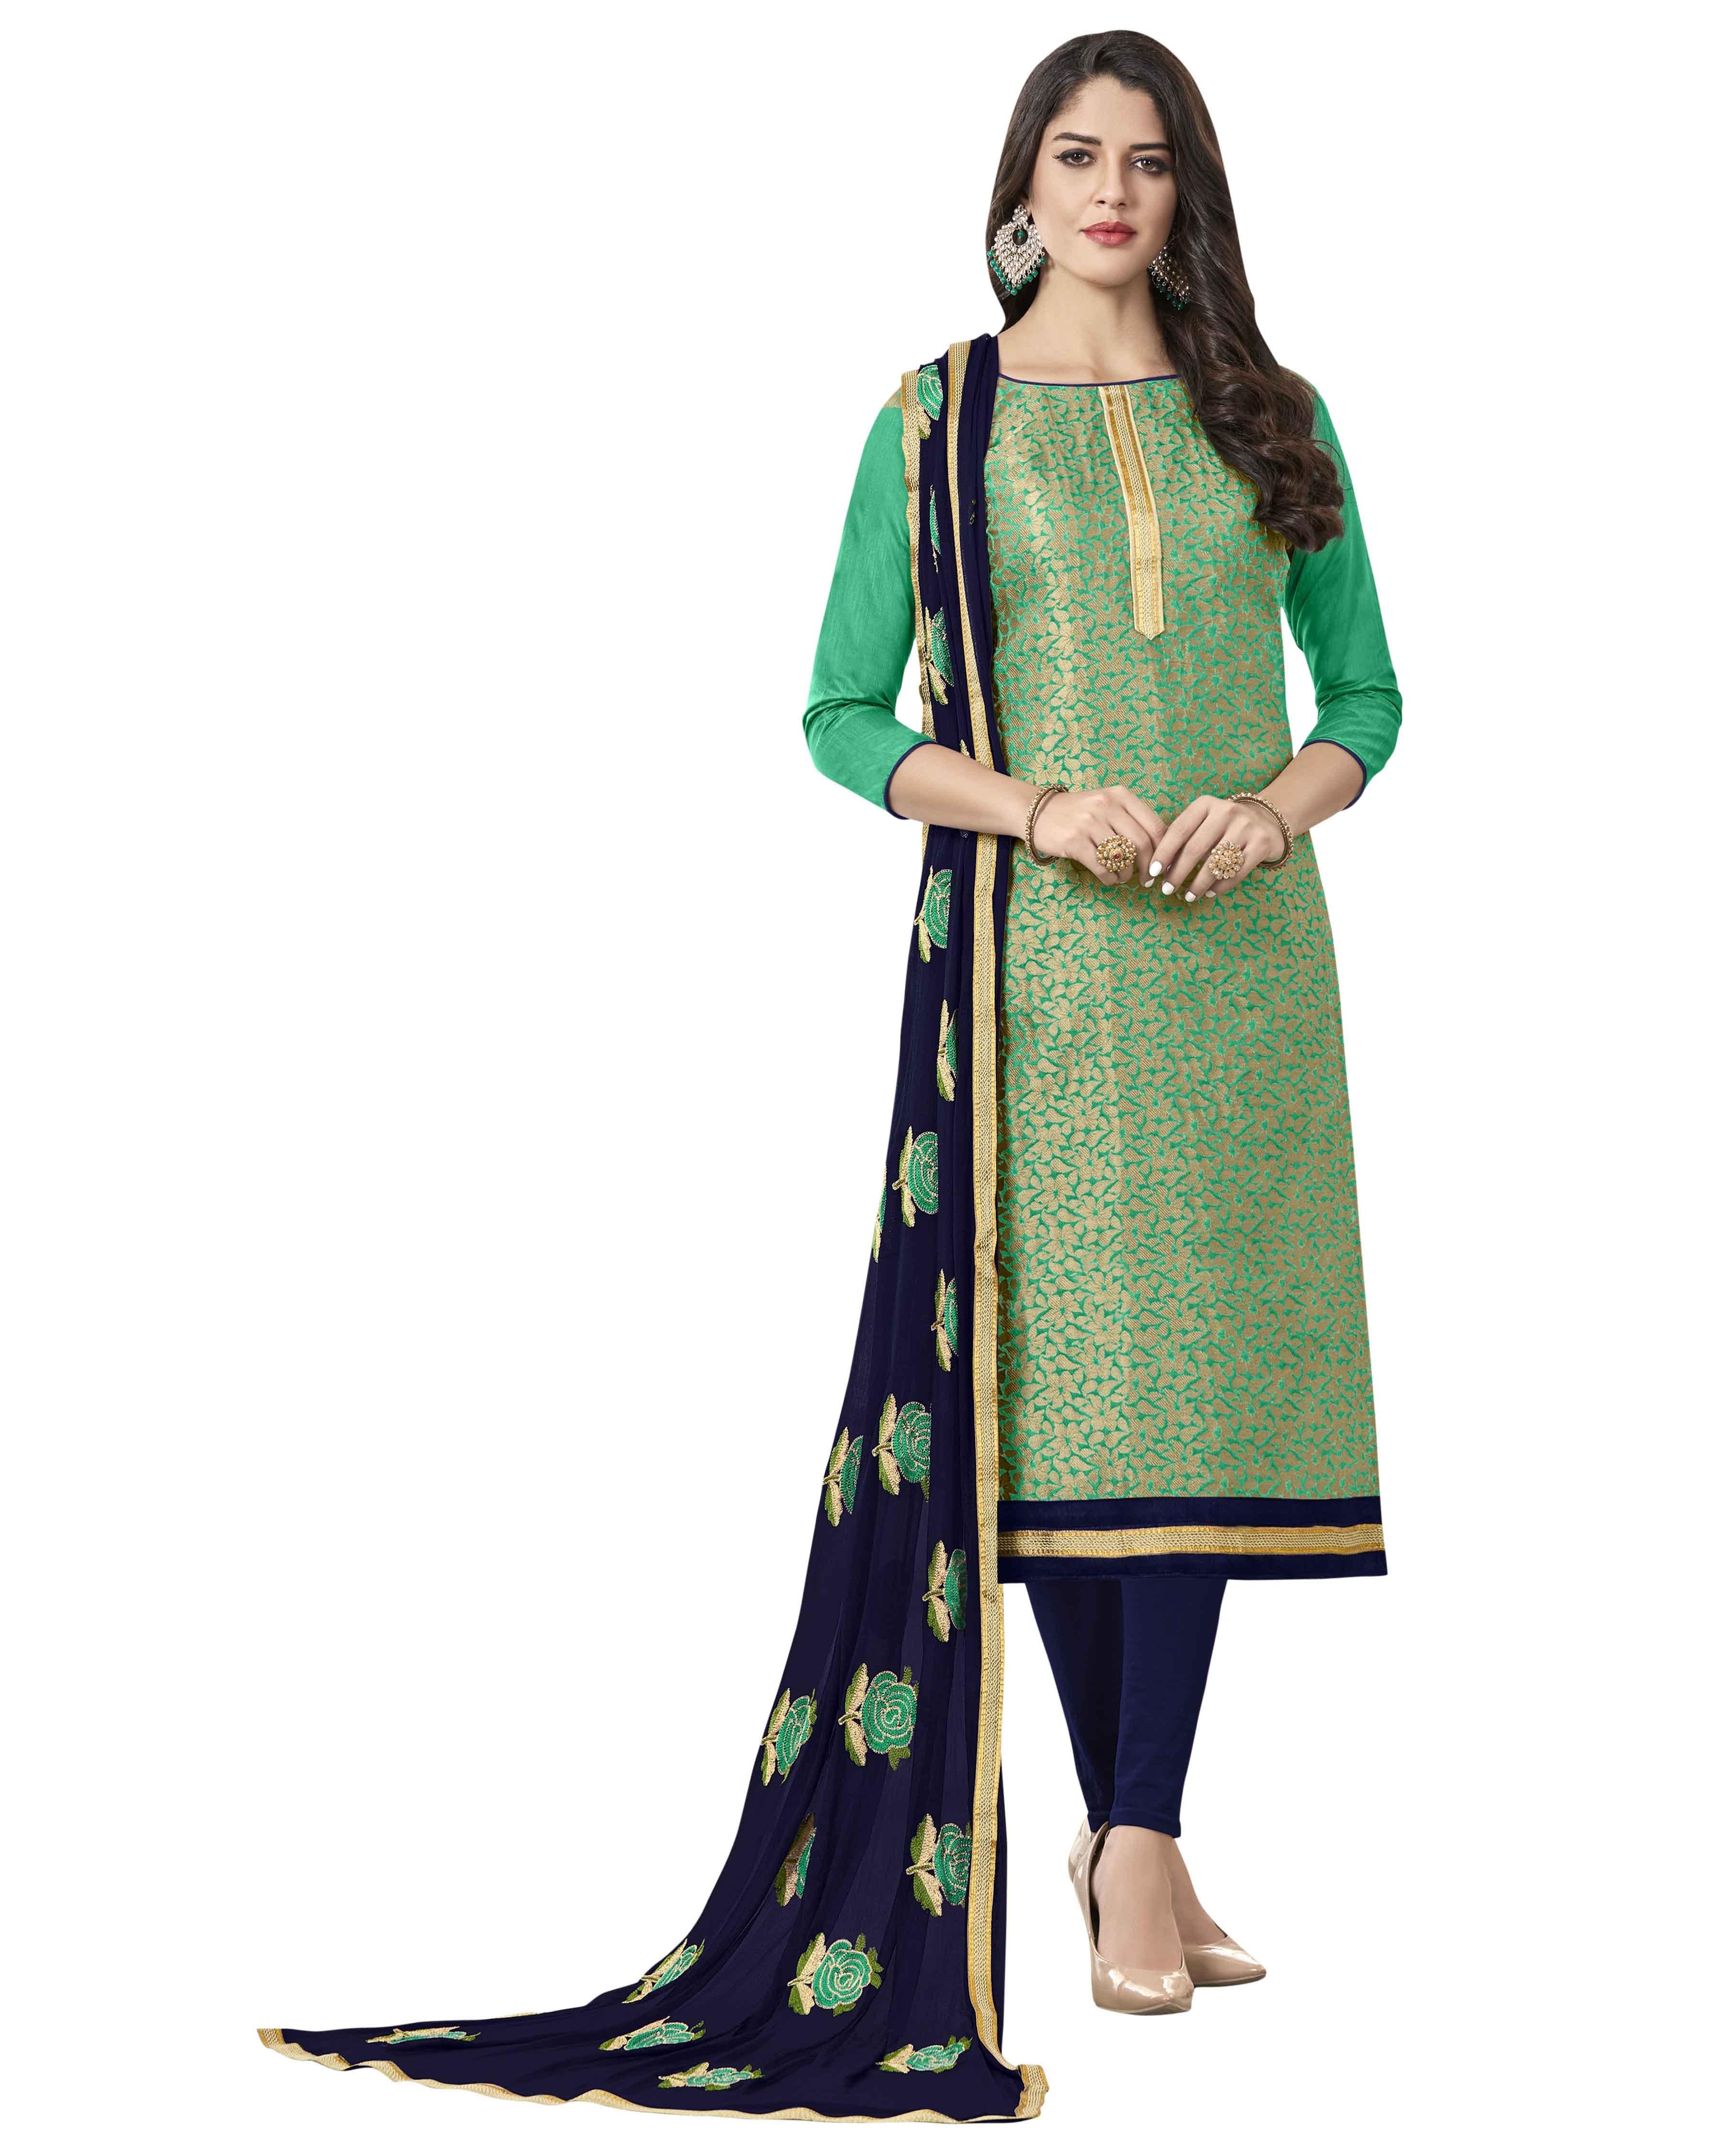 acd359c7b8 Pakistani Semi Formal Dresses Online